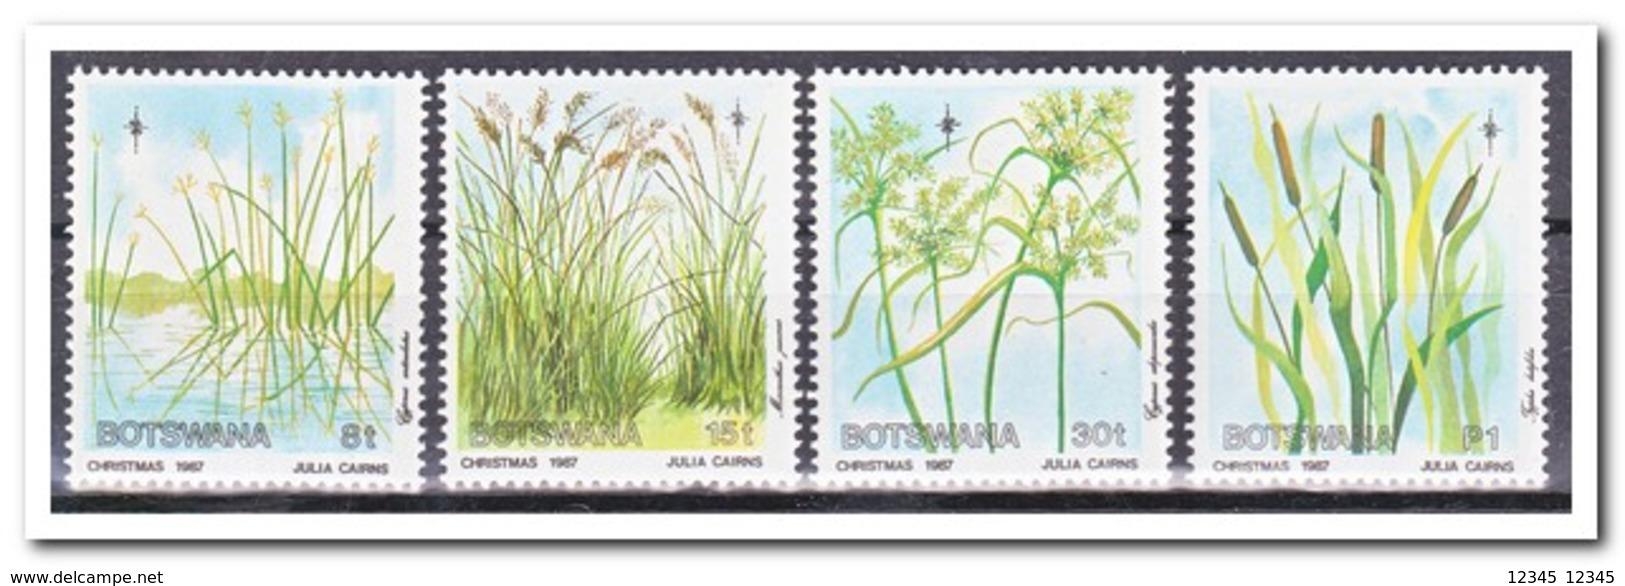 Botswana 1987, Postfris MNH, Plants, Christmas - Botswana (1966-...)